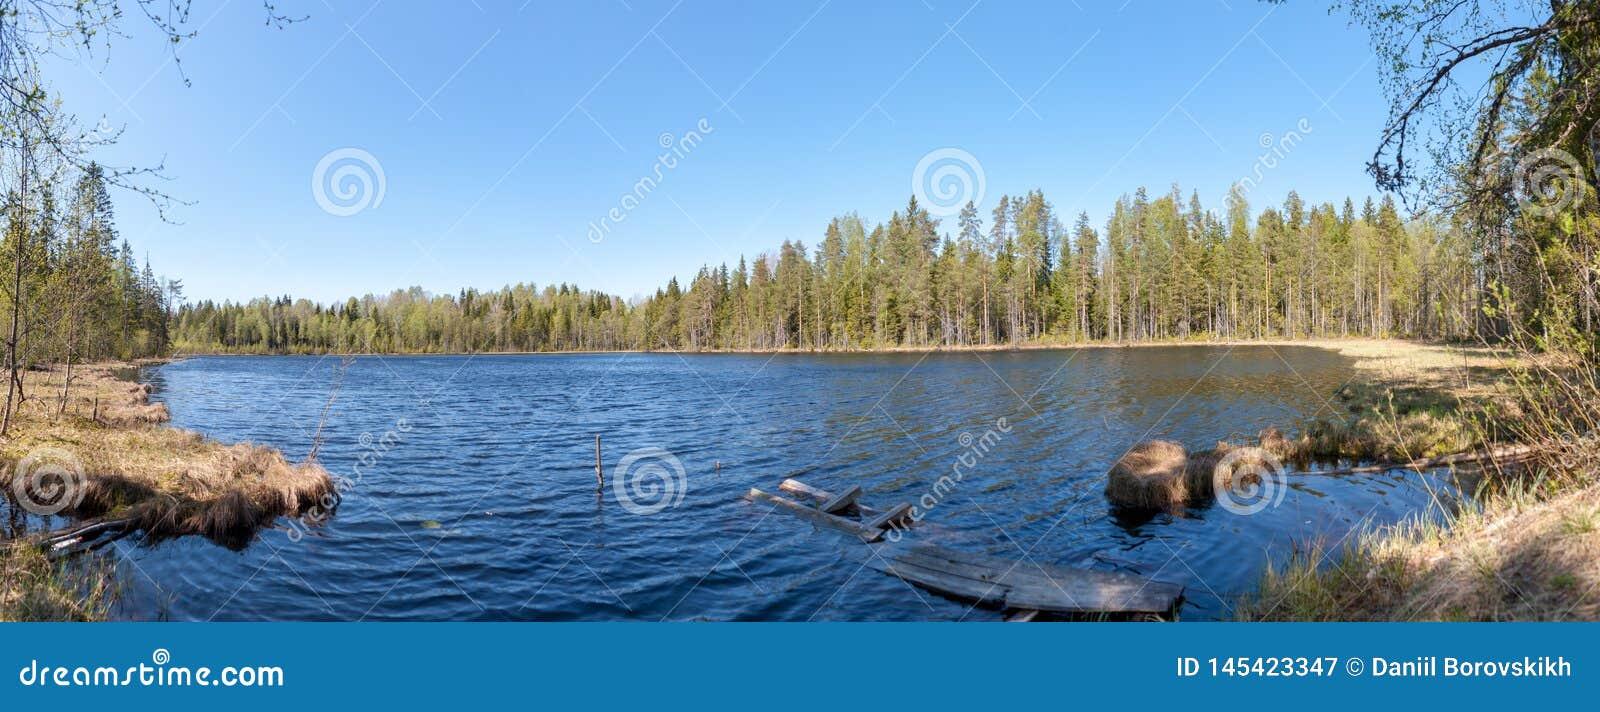 Панорама леса озера